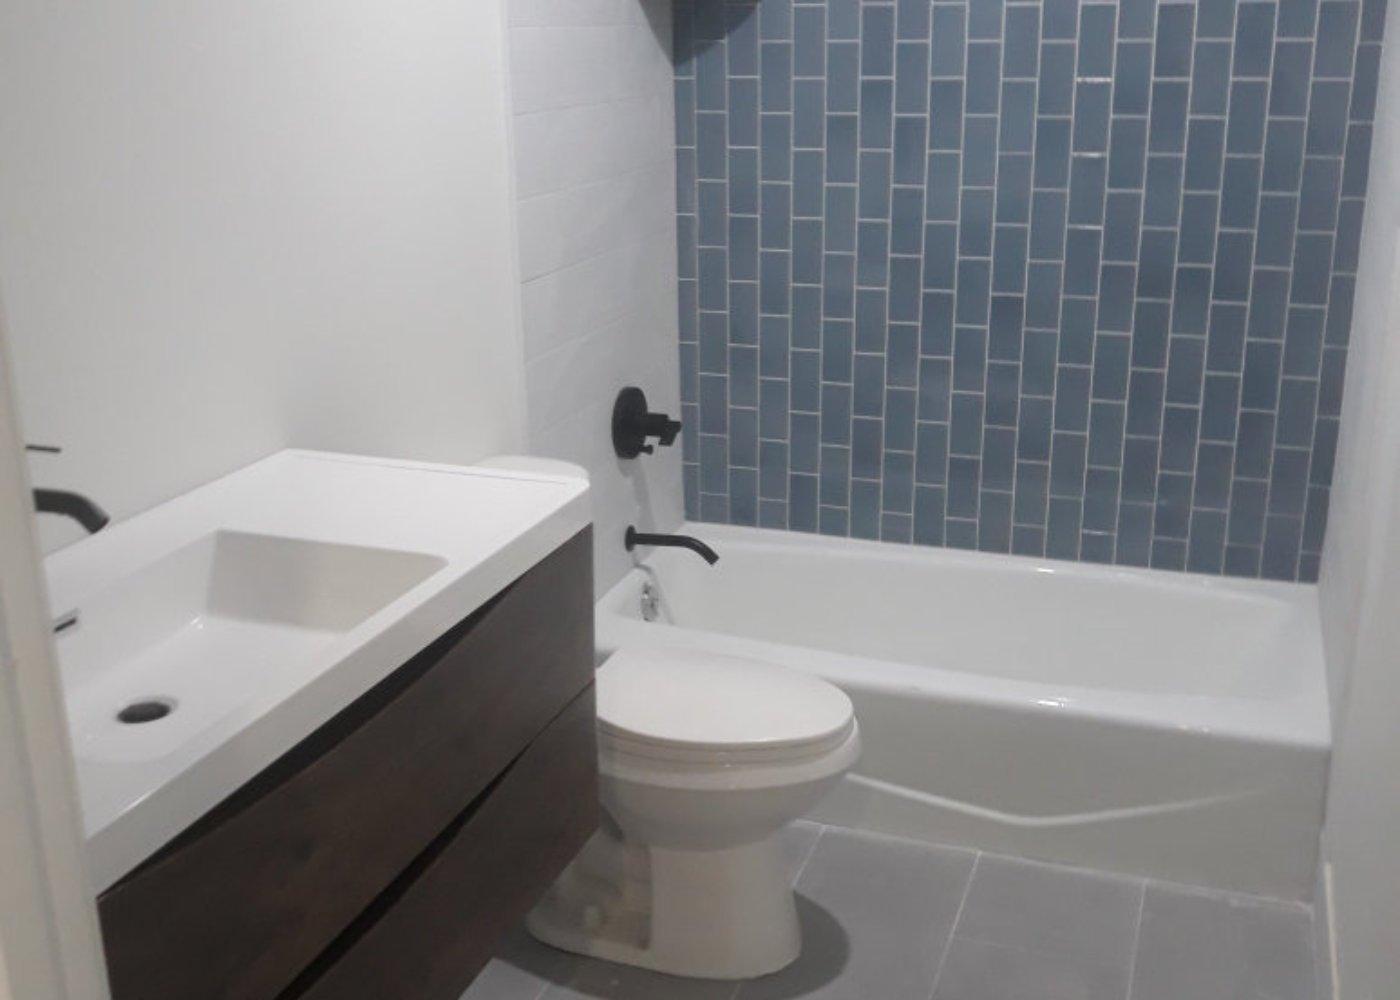 McSpurren - Hallway Bathroom Remodel